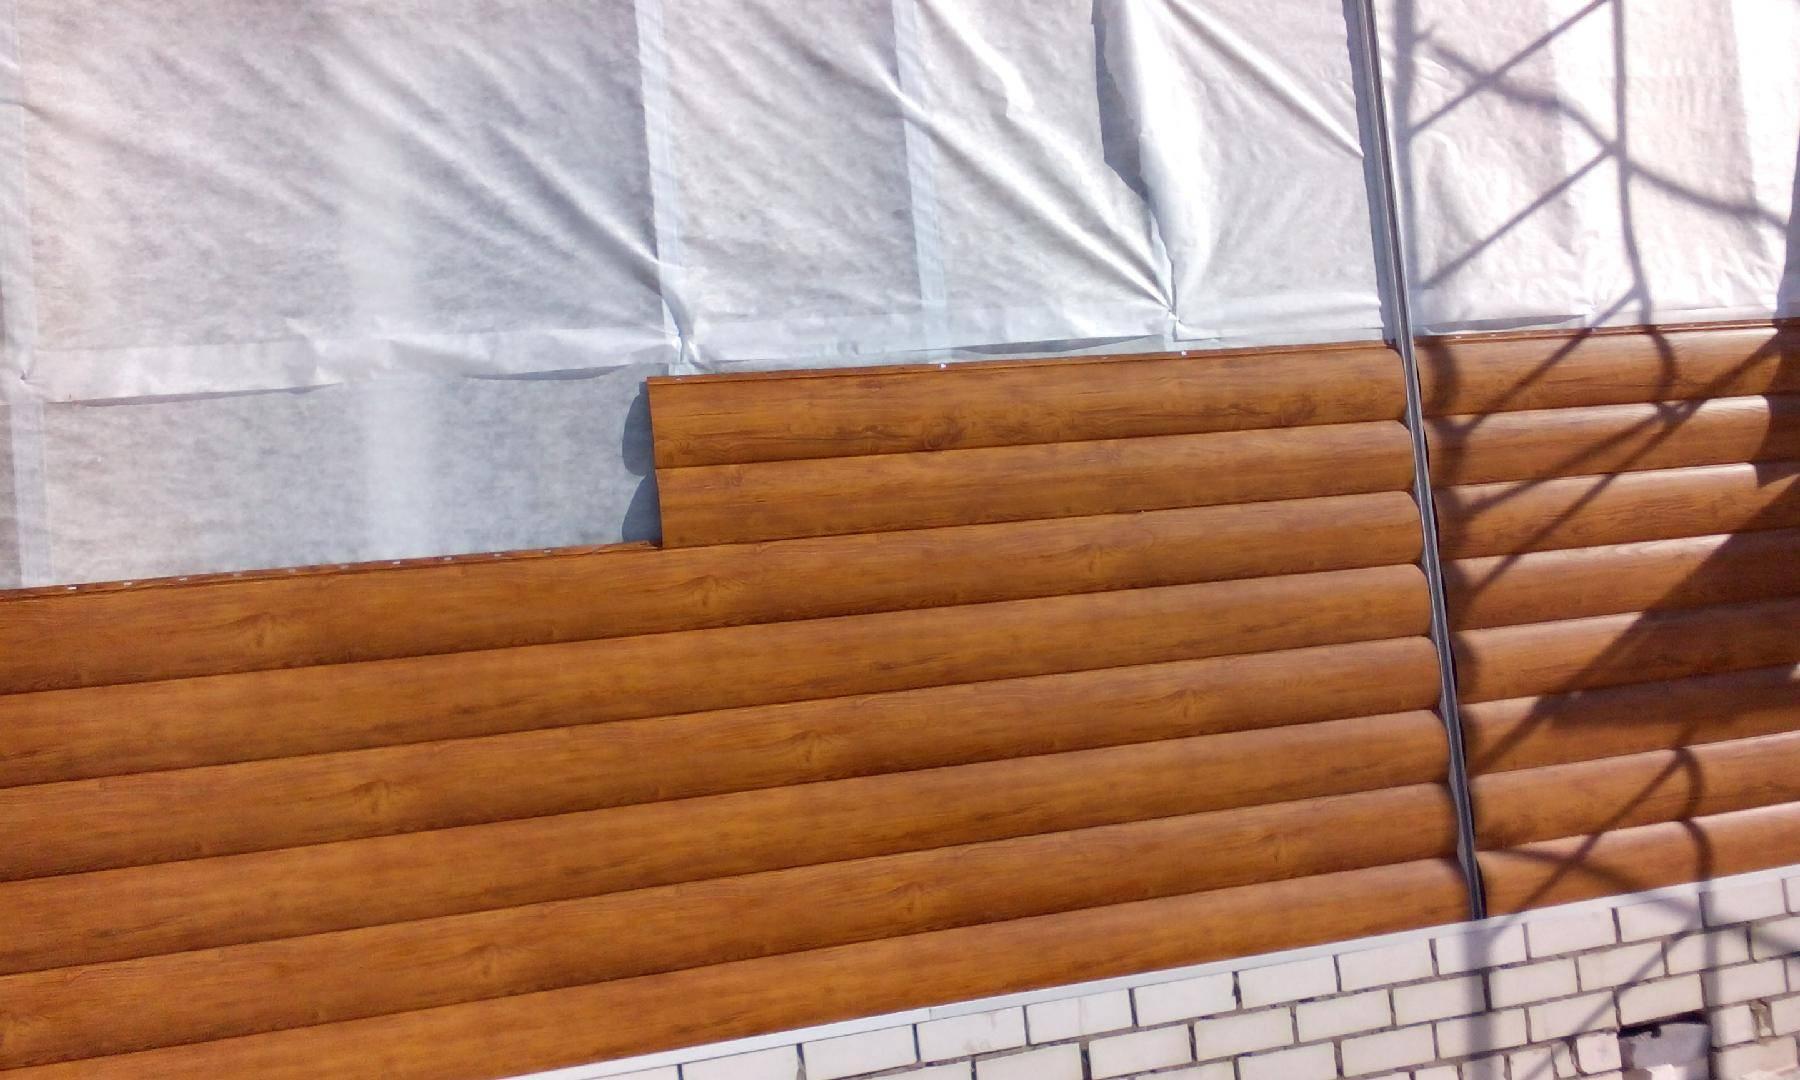 Металлический сайдинг блок хаус под бревно: видео-инструкция по монтажу своими руками, фото